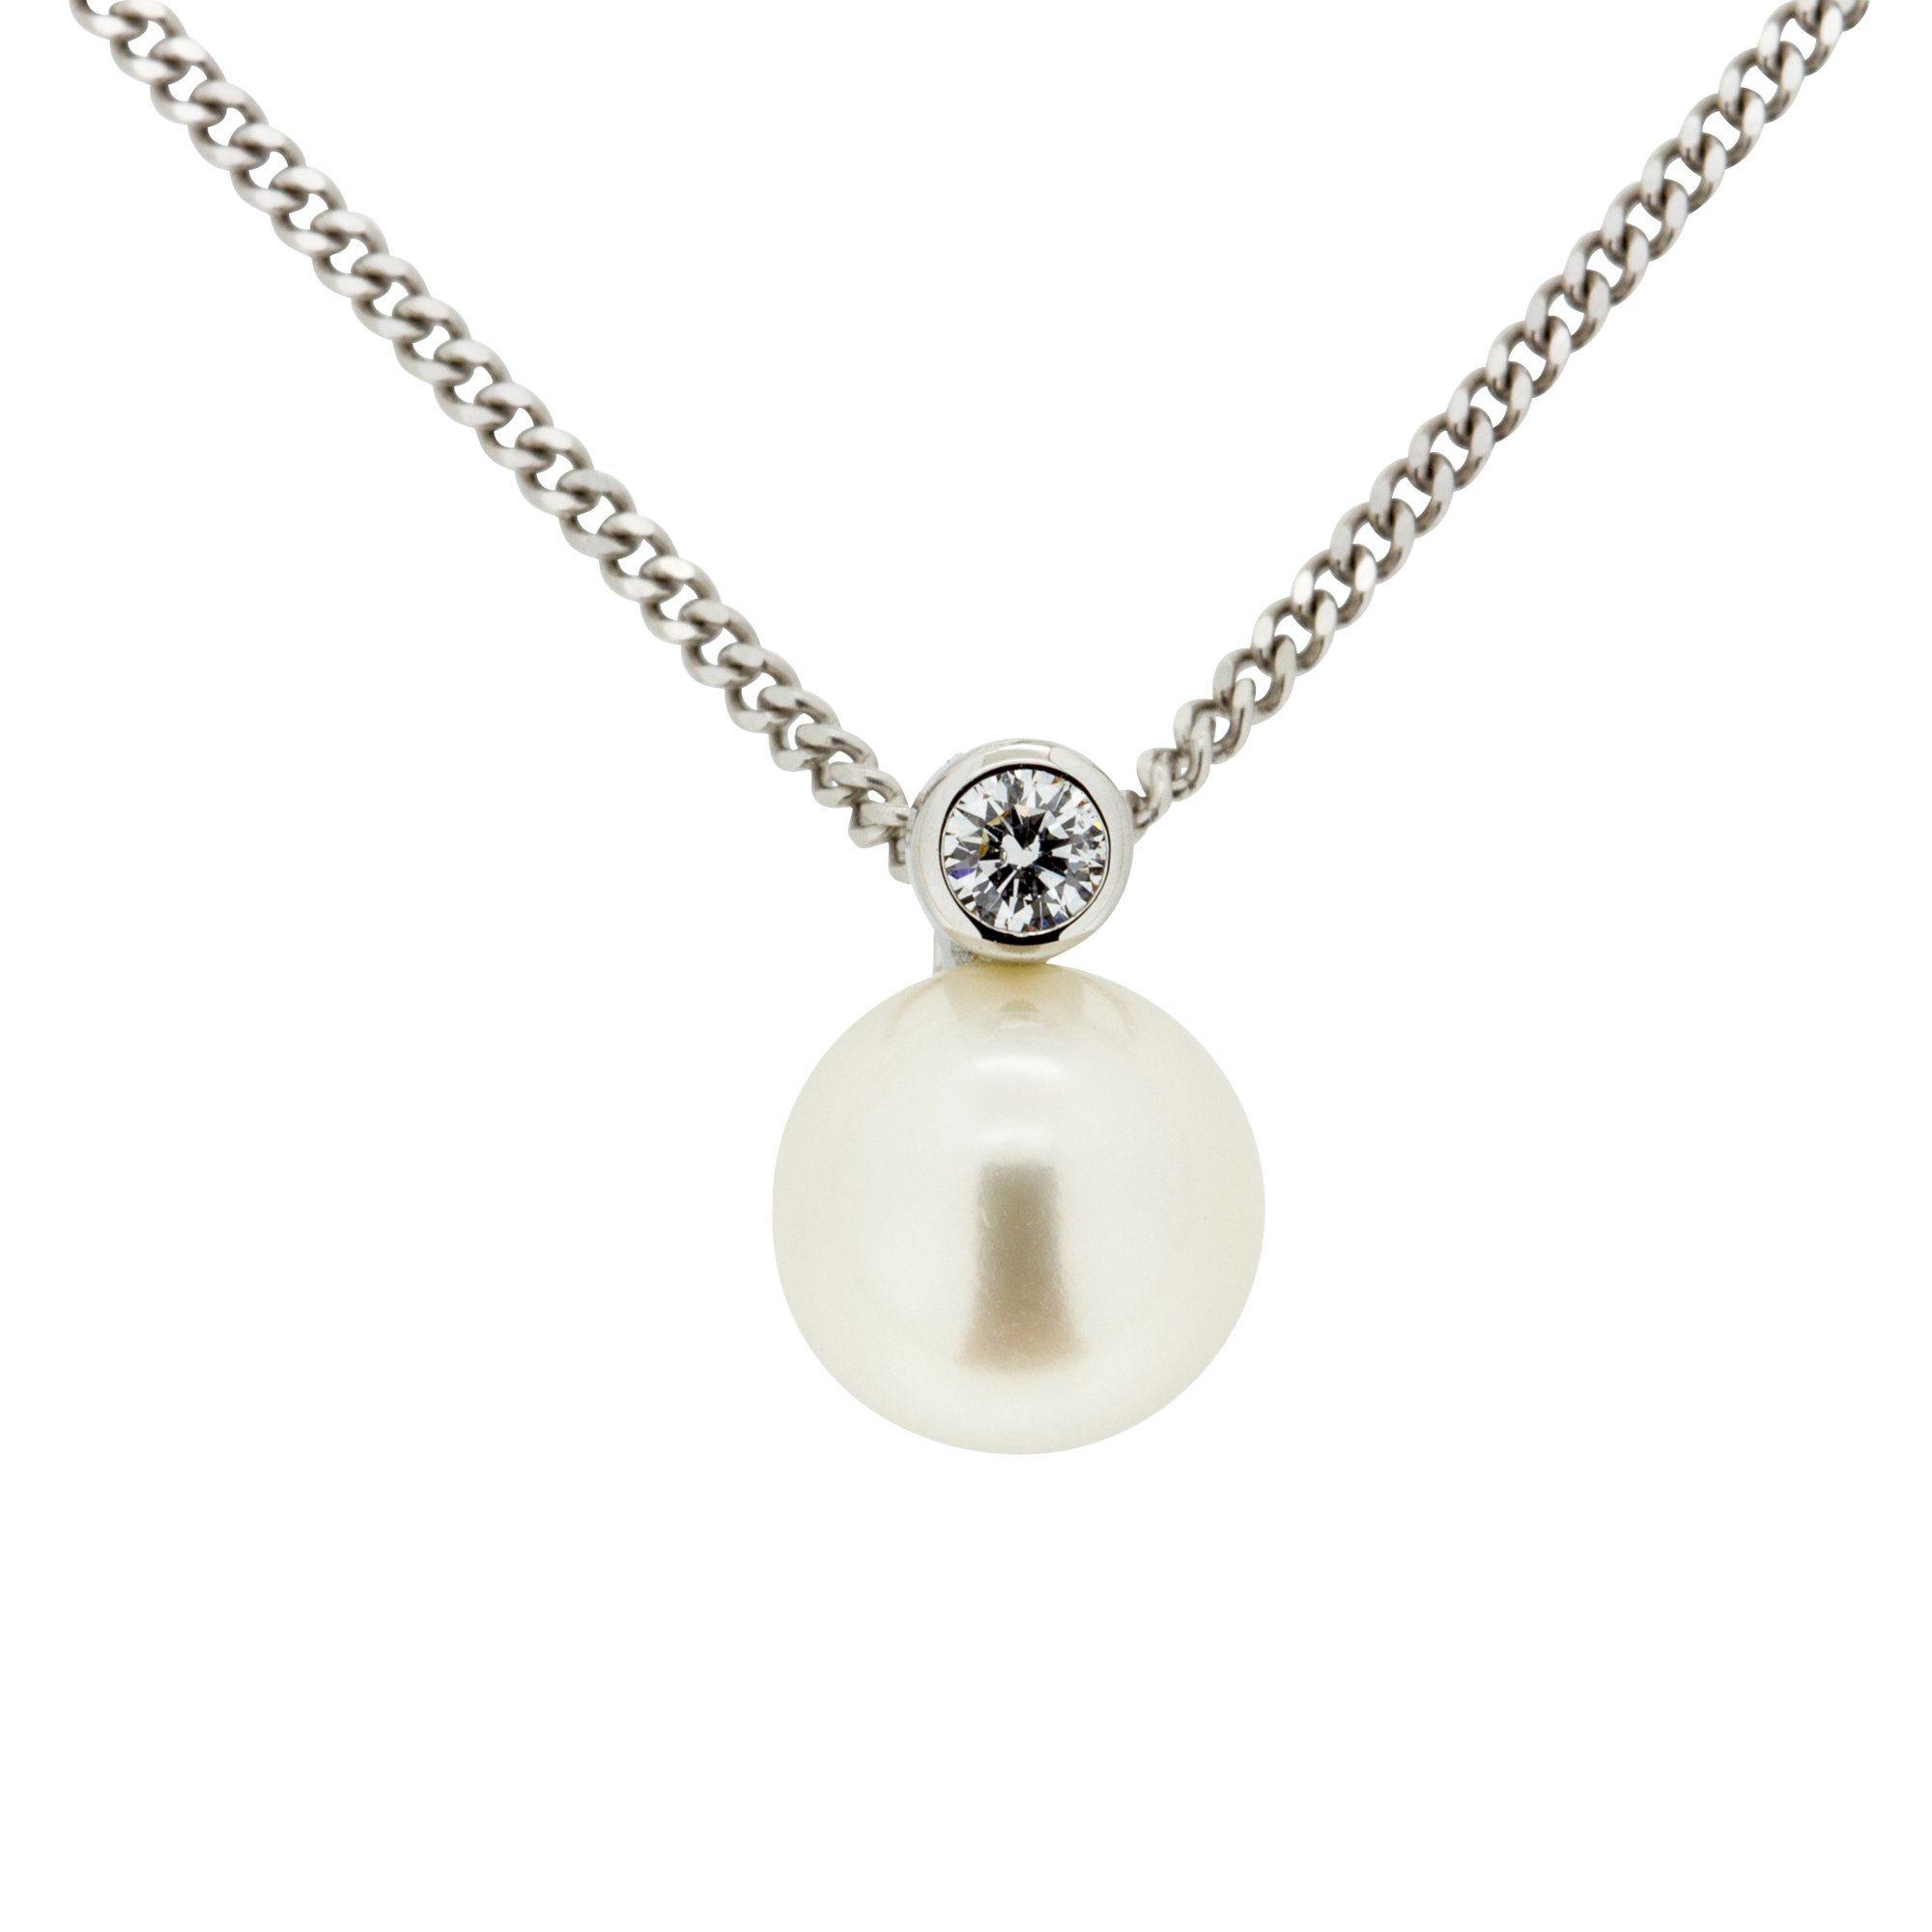 Orolino Anhänger mit Kette »585/- Weißgold Brillant + Perle«